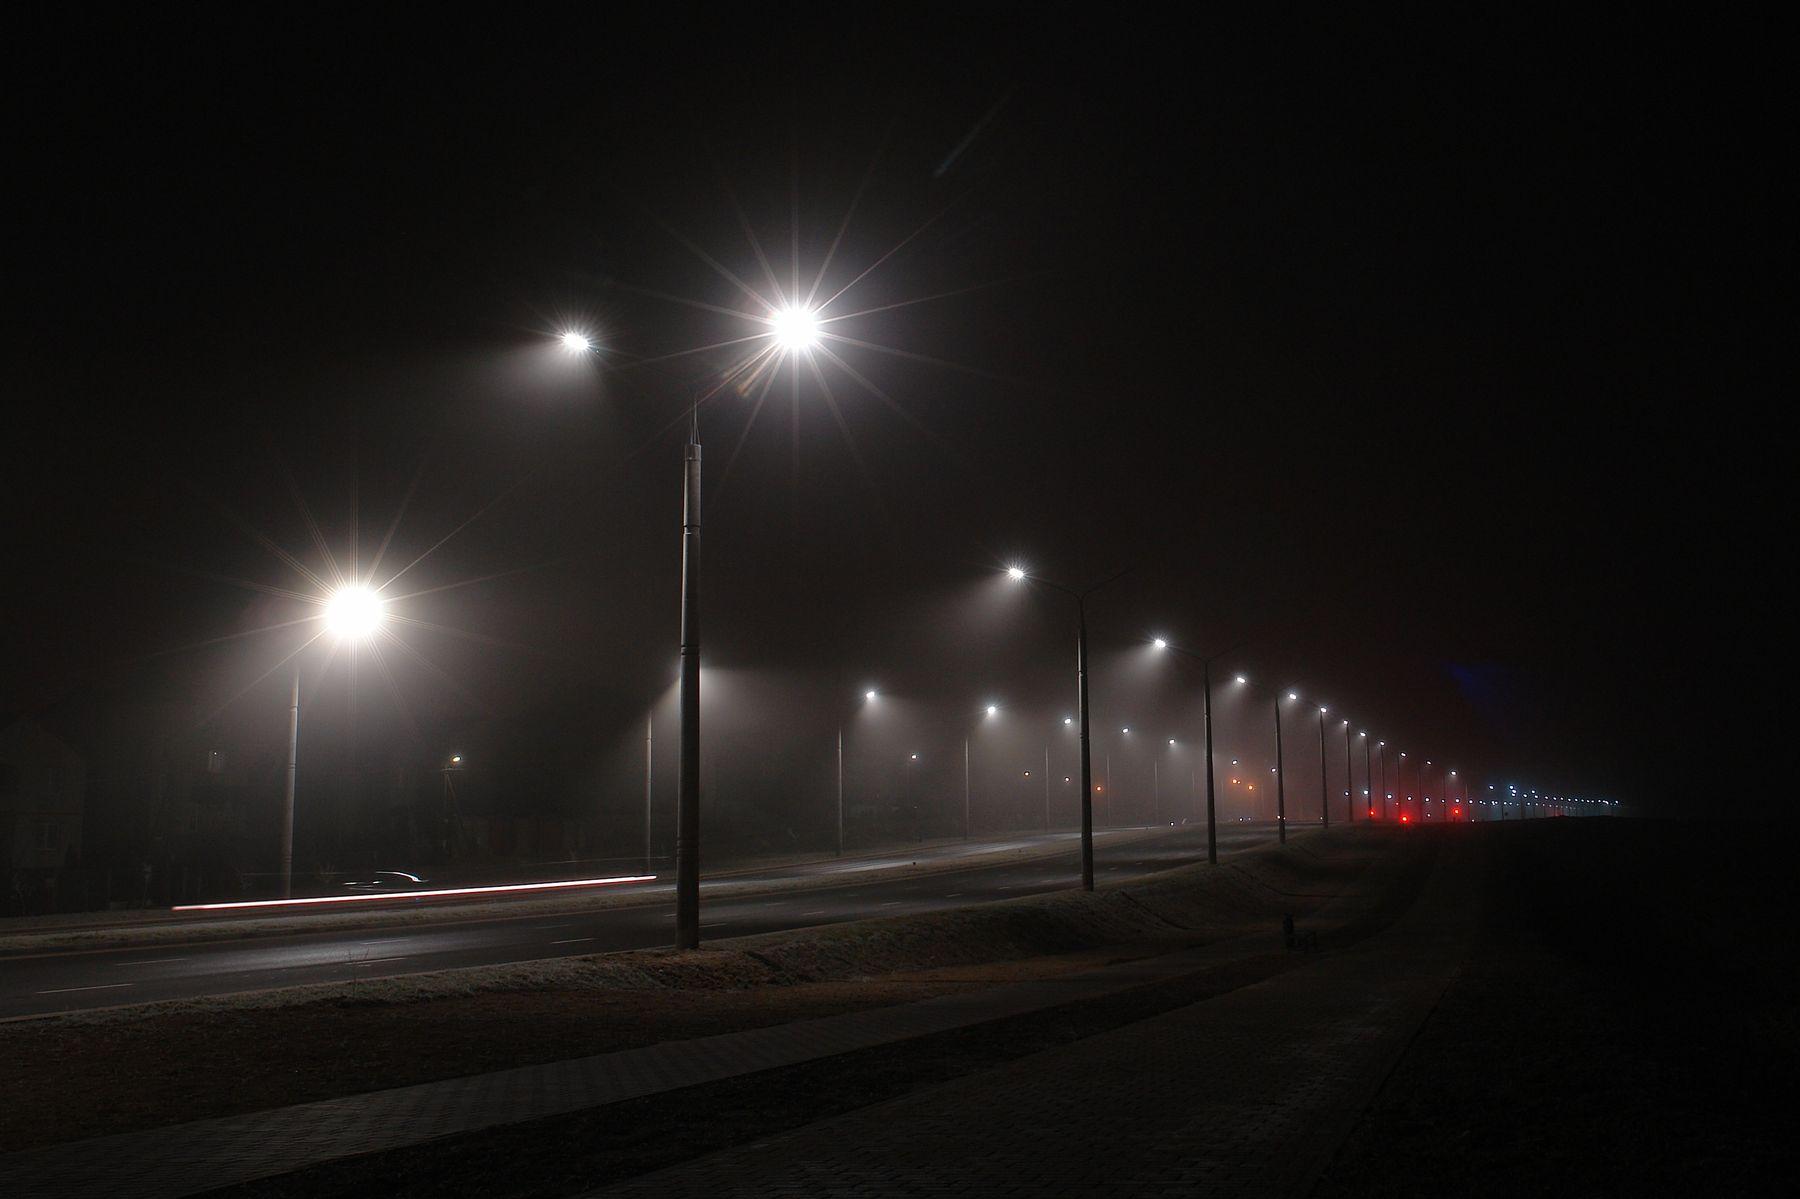 От фонаря фонари дорога вечер город